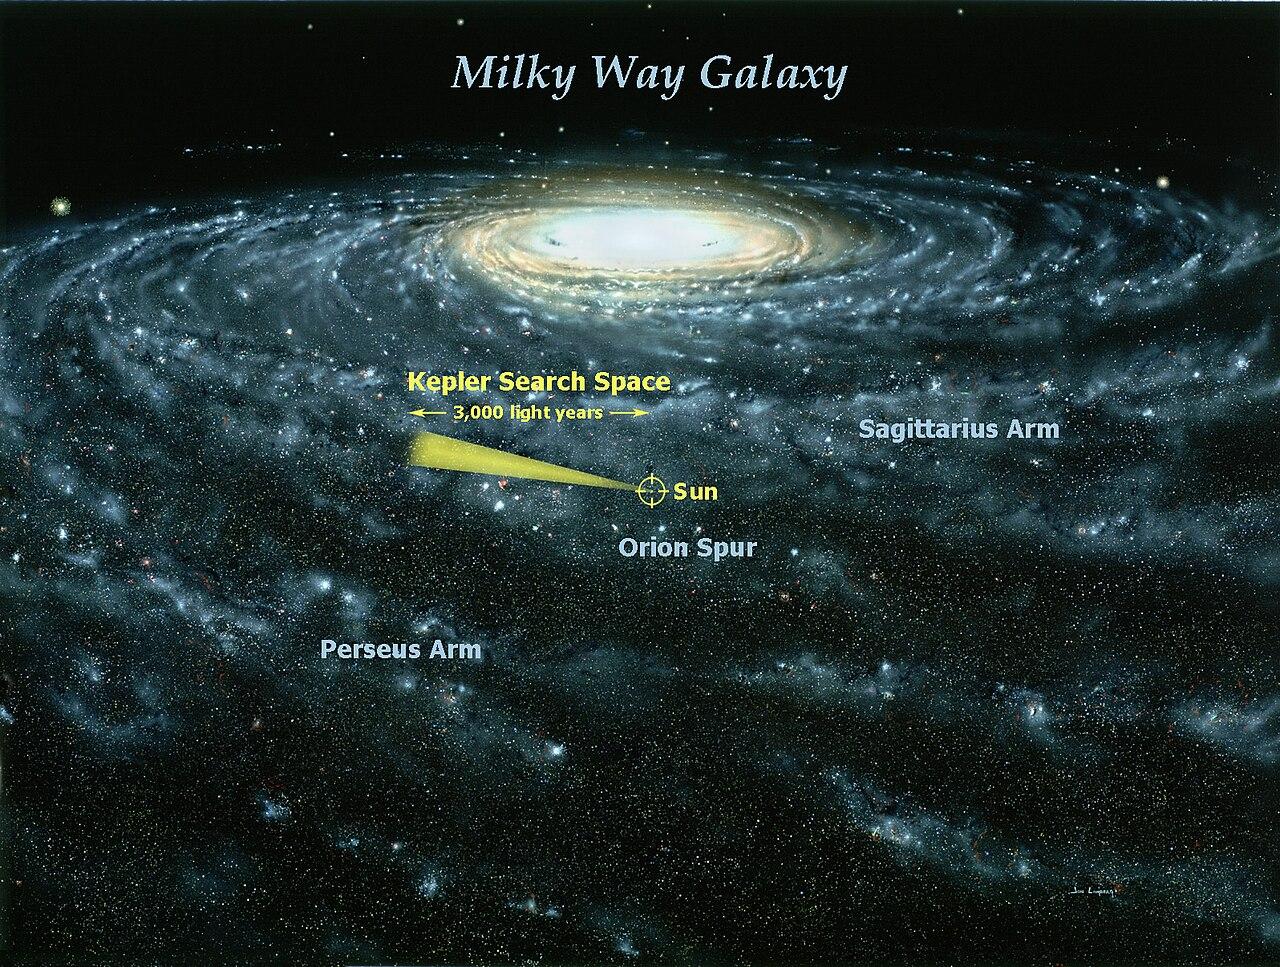 ระยะการตรวจหาดาวเคราะห์ของภารกิจเคปเลอร์ ในระยะ 3,000 ปีแสง จากระบบสุริยะของเรา (ภาพวาดโดย Jon Lomberg นำเสนอโดย NASA)